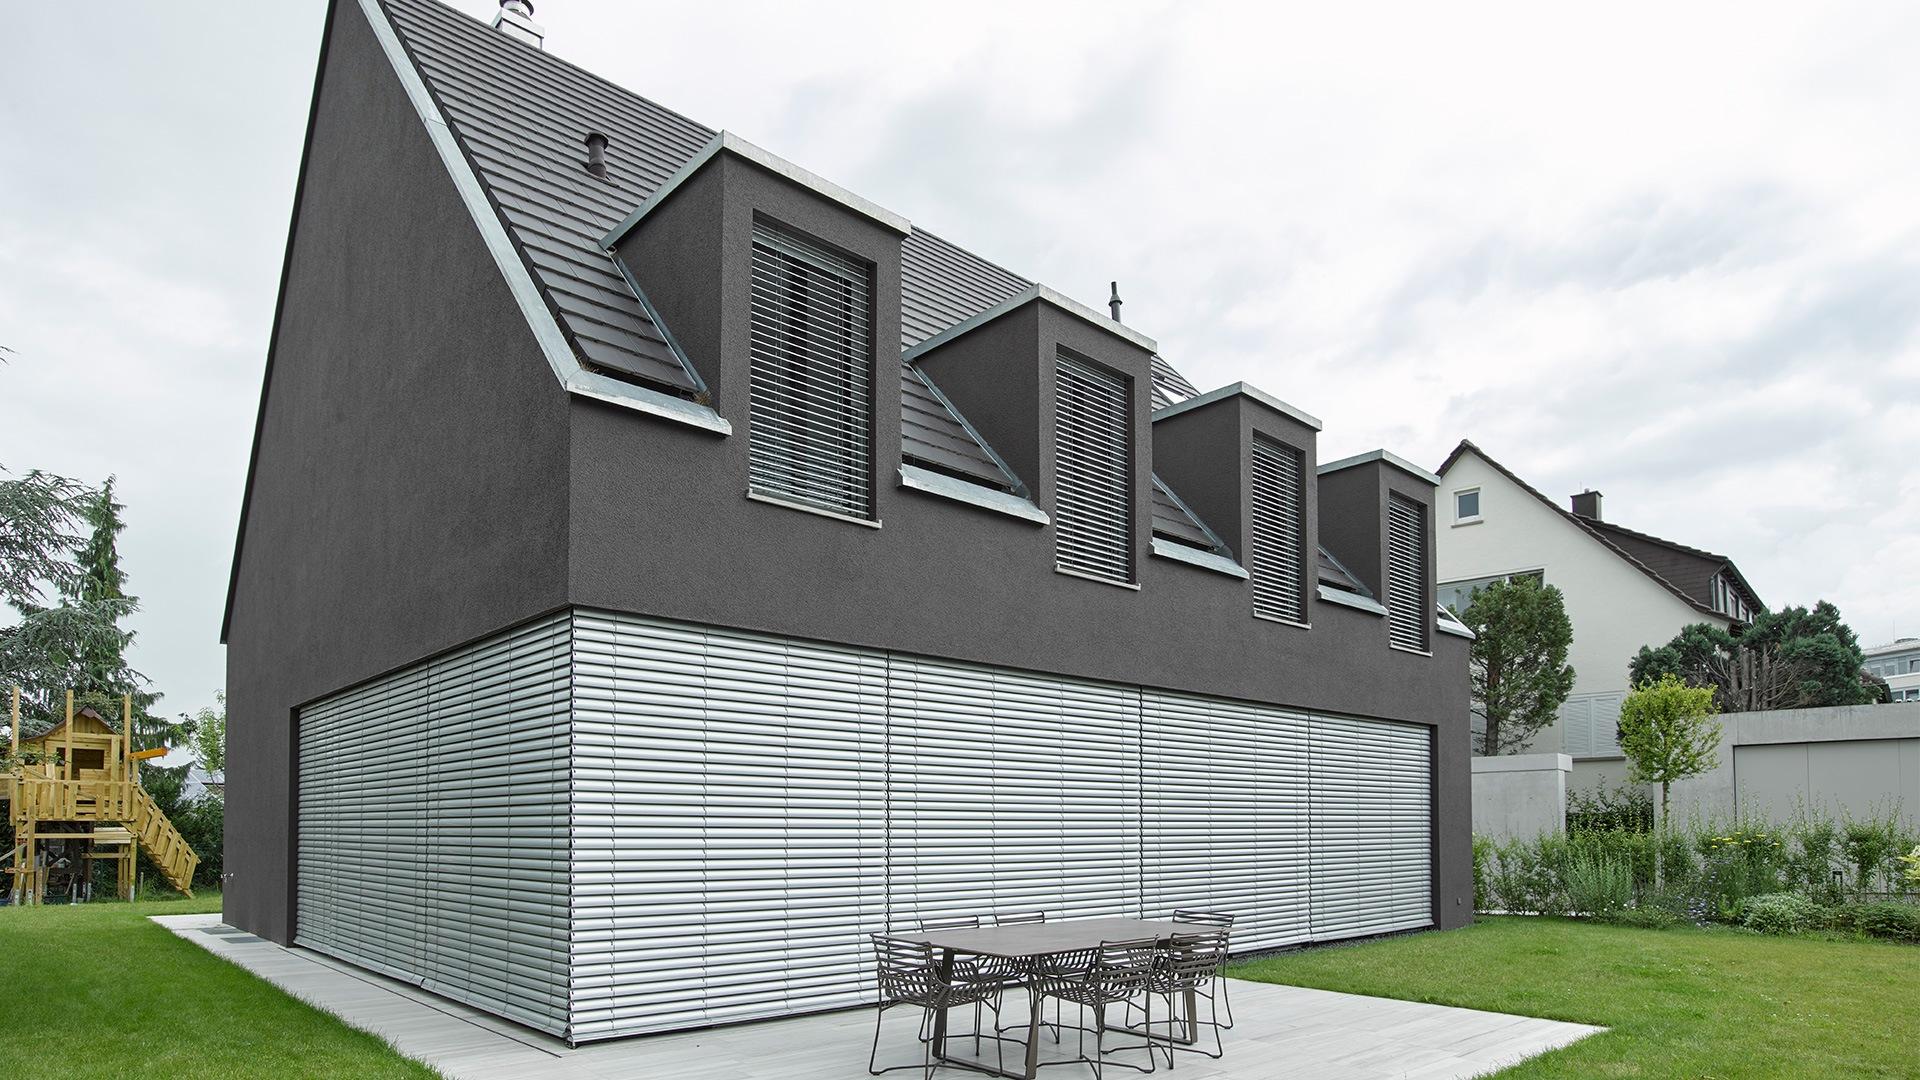 zanker raffstore 02 - Sonnenschutz für Firmengebäude